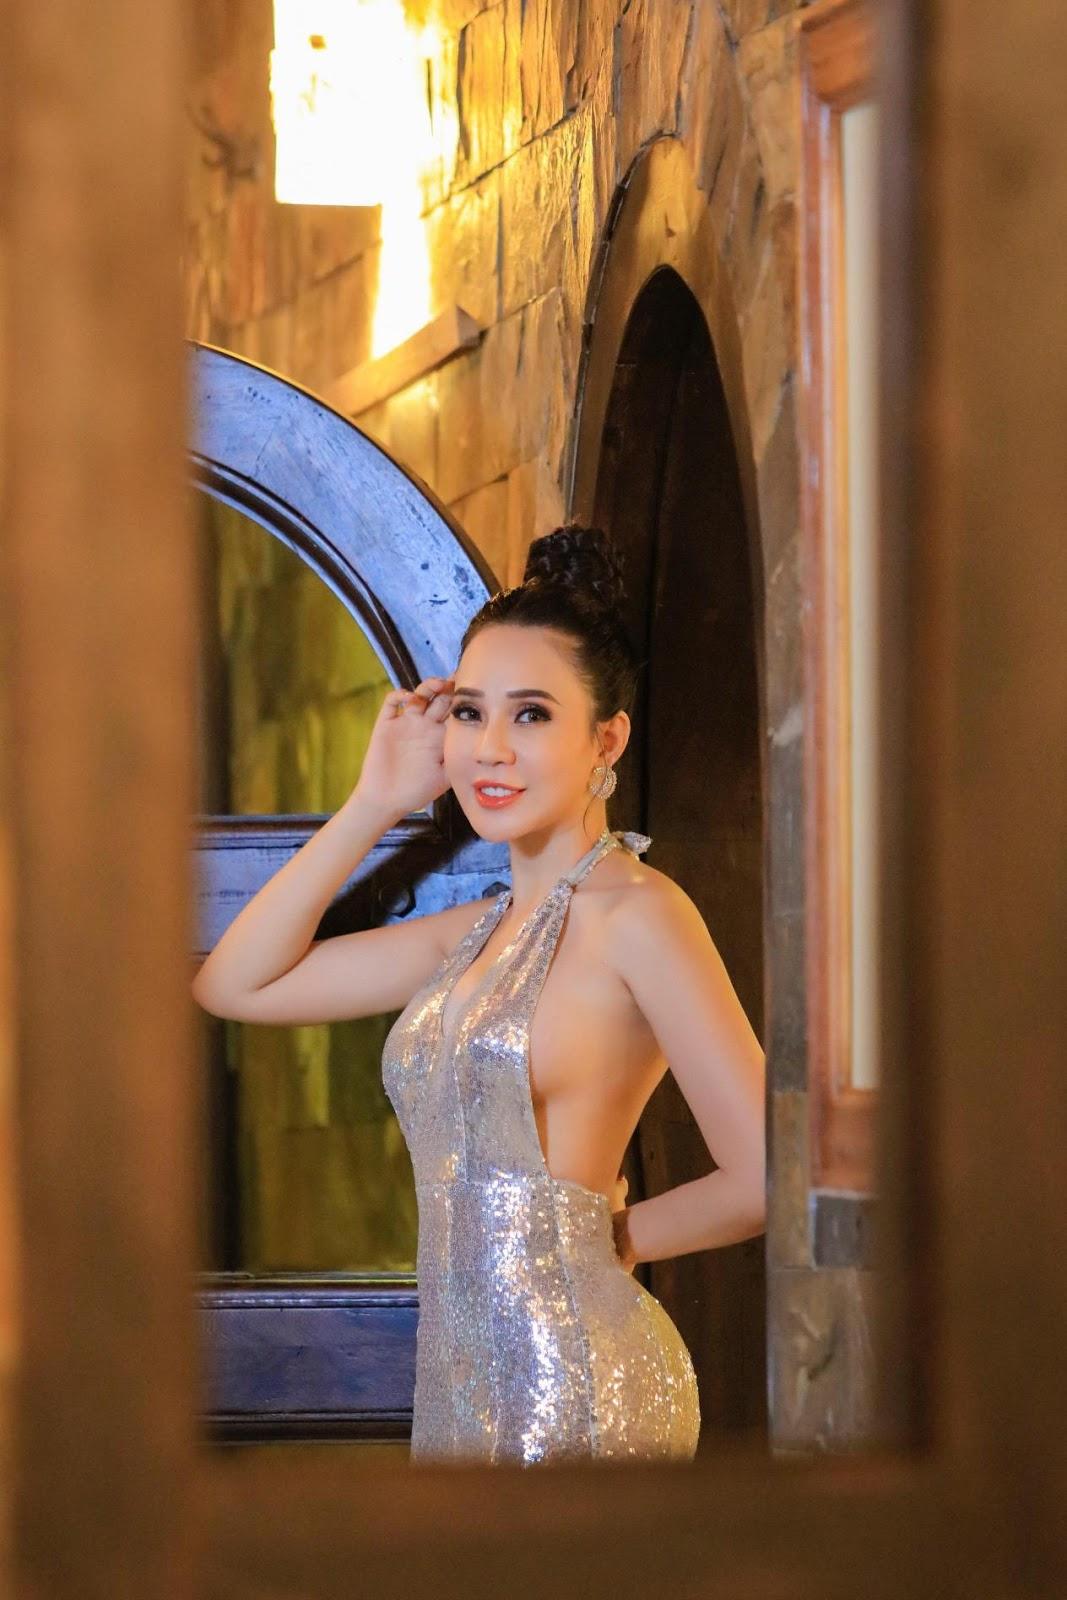 Sau một năm đăng quang hoa hậu, Lê Đỗ Minh Thảo 'lột xác' đến ngỡ ngàng trong loạt ảnh mới nhất - Hình 11